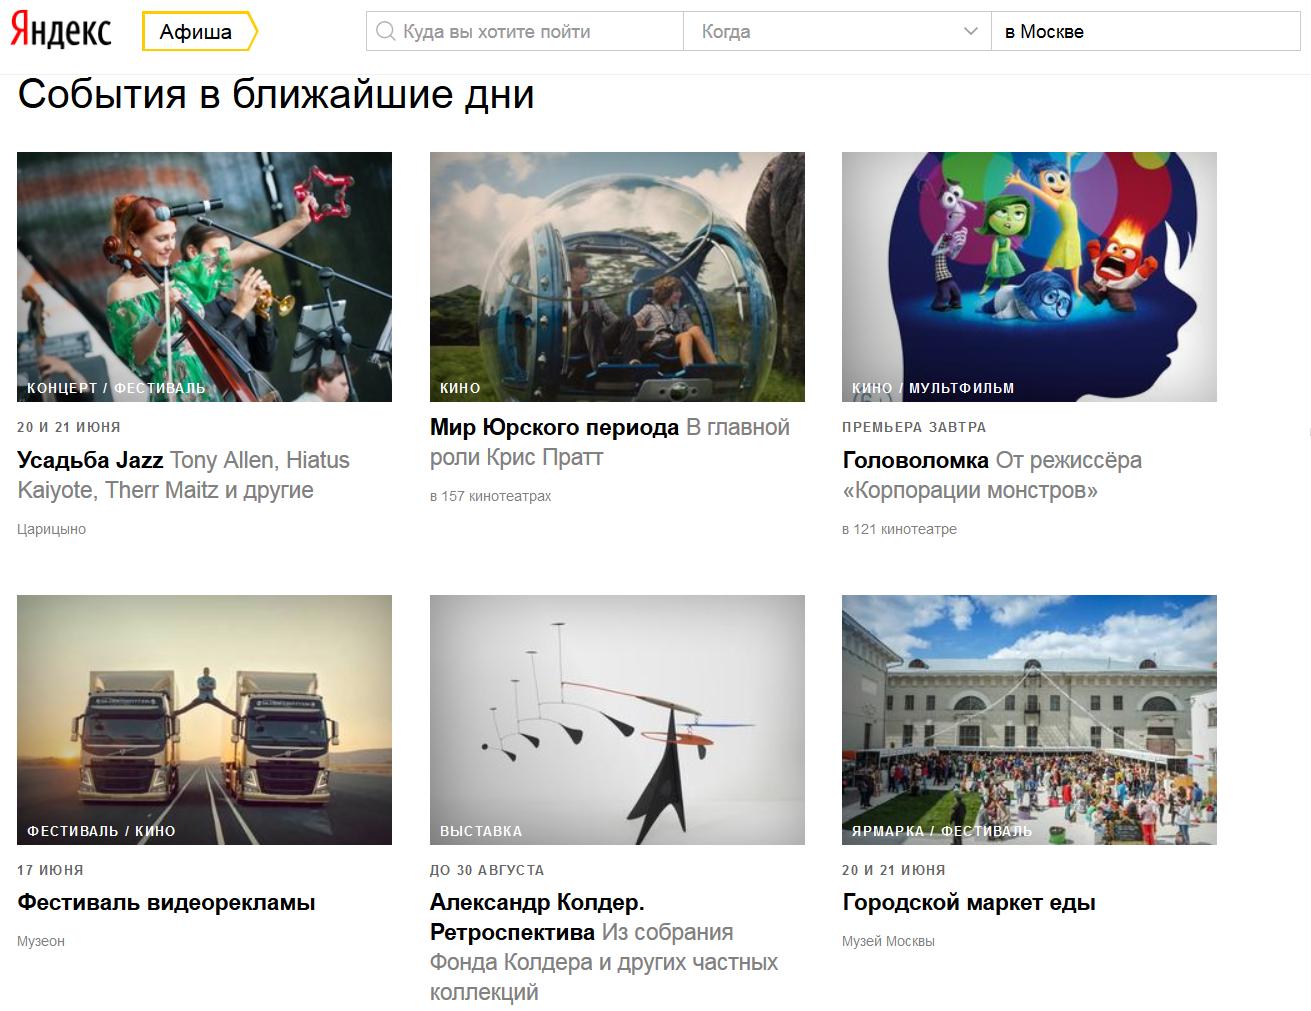 Дополнительная информация о событиях на Яндекс.Афише